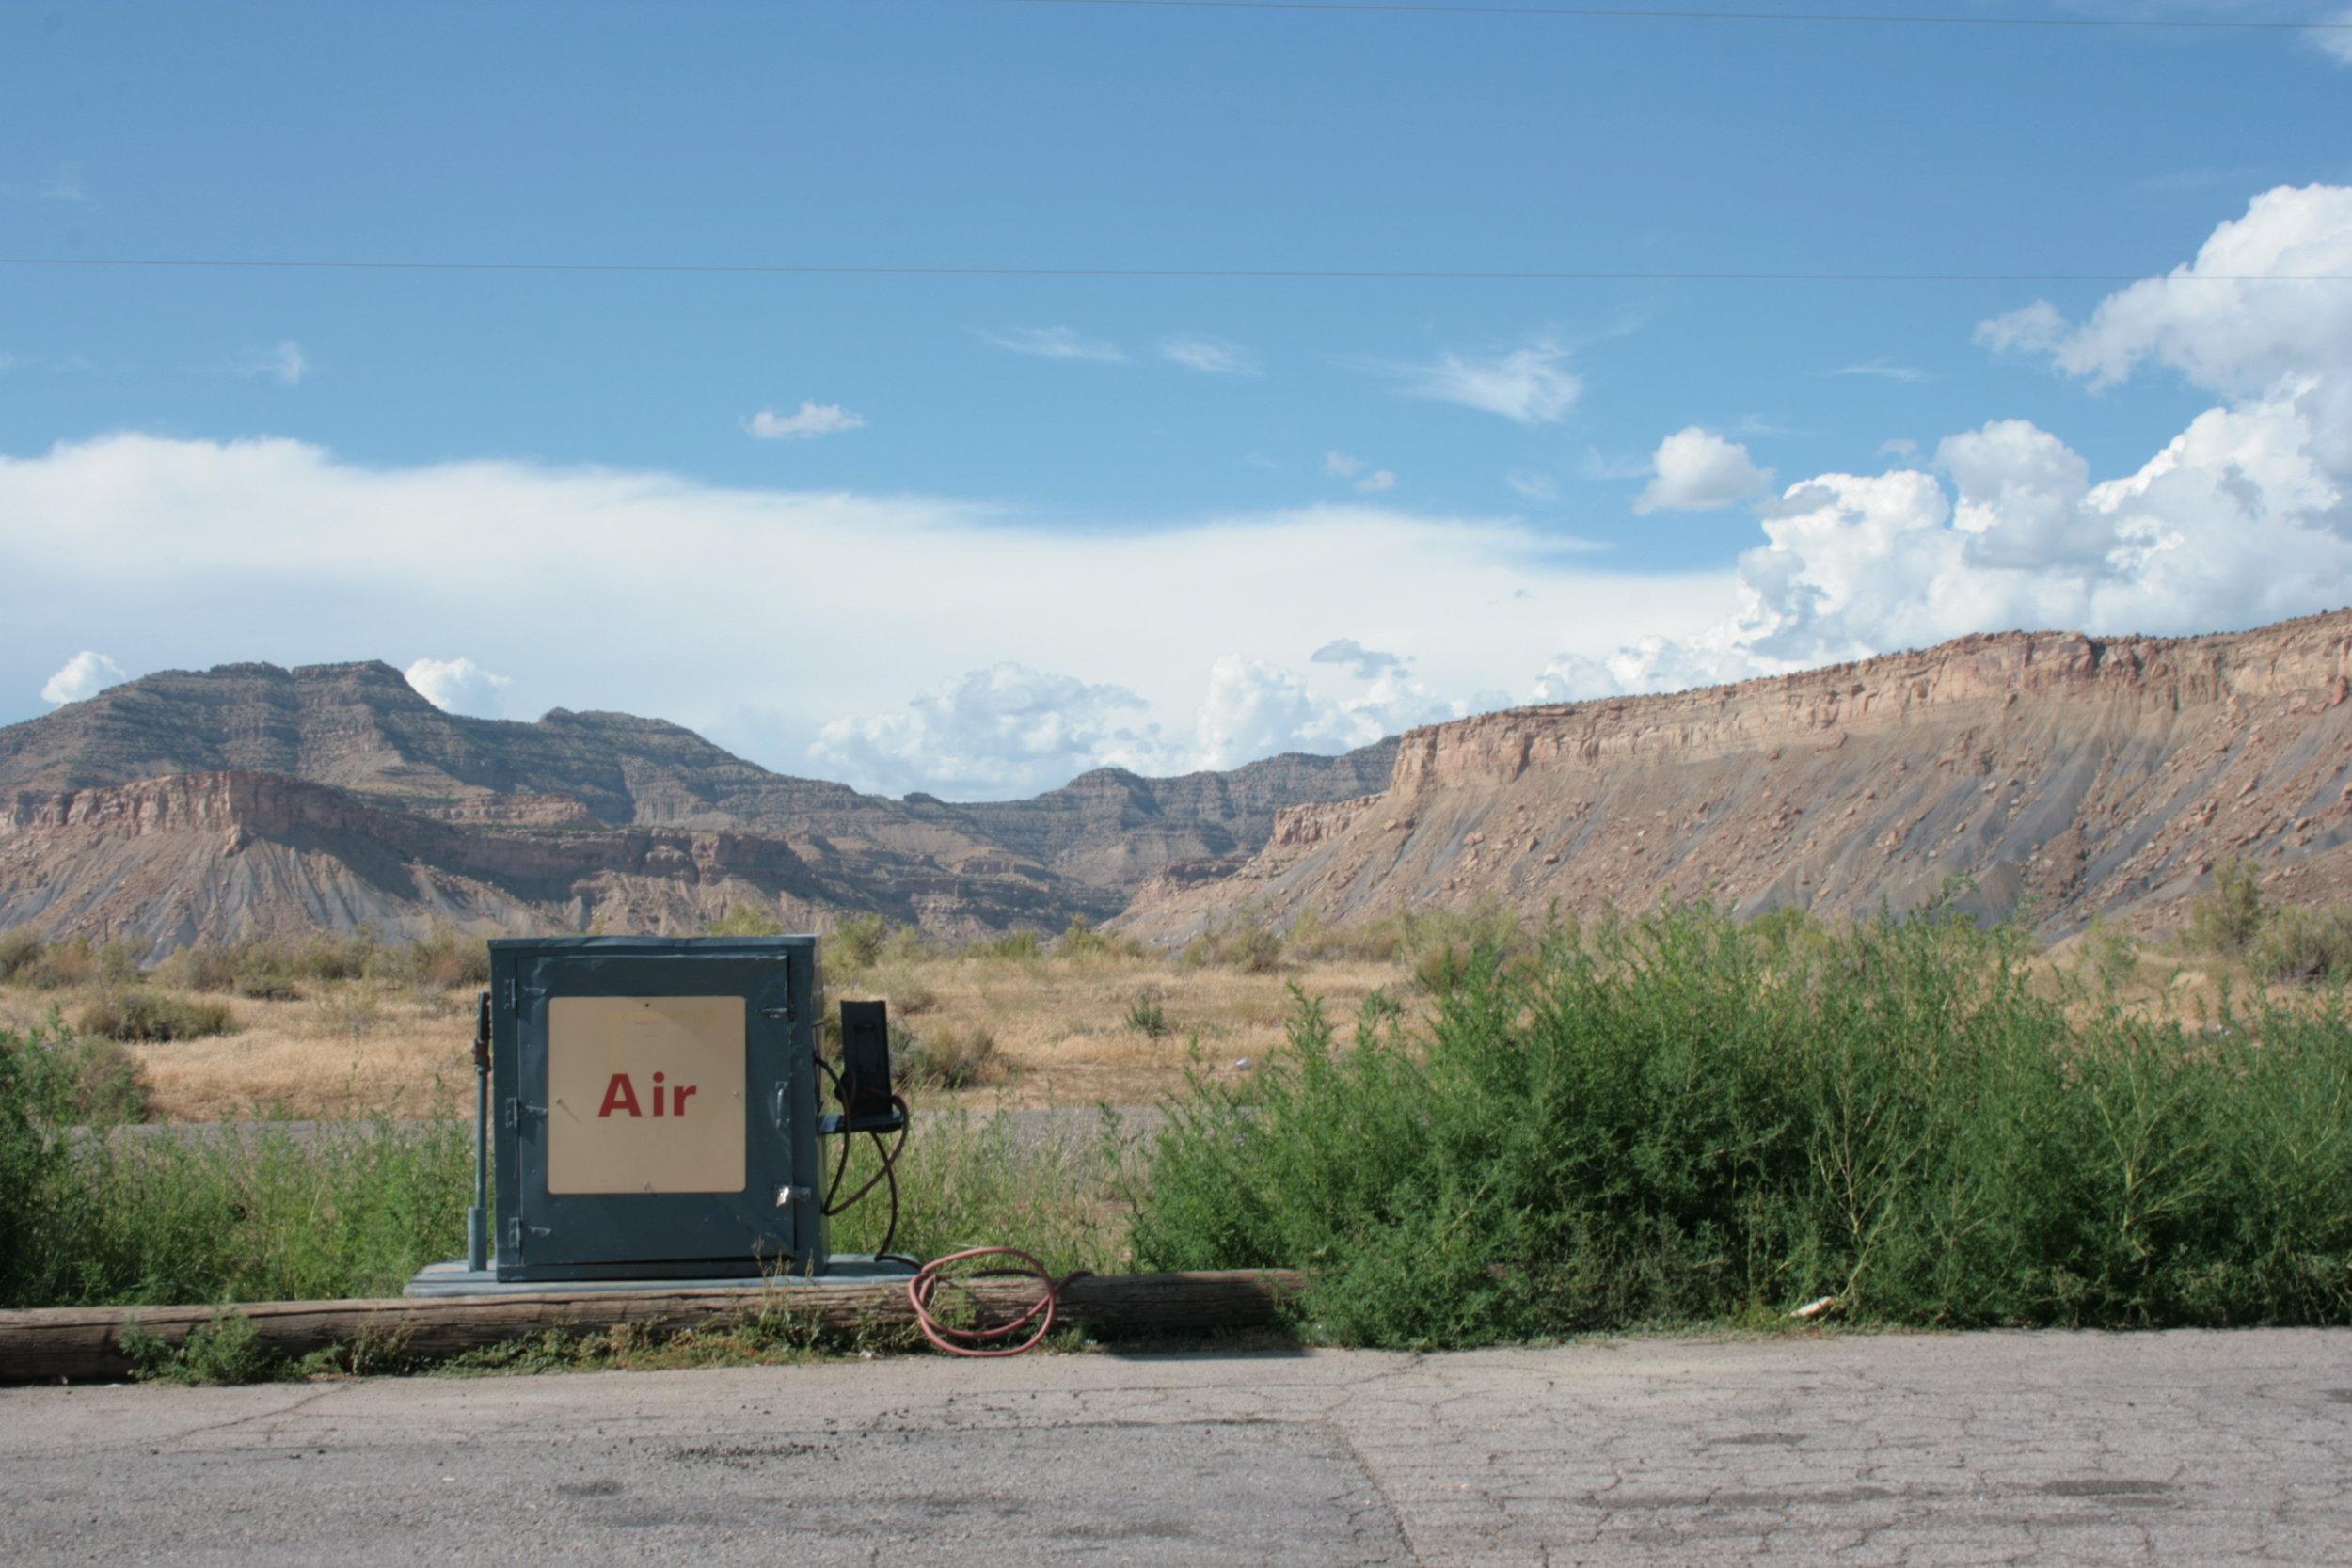 Air pump at Thompson Springs, Utah, 2011